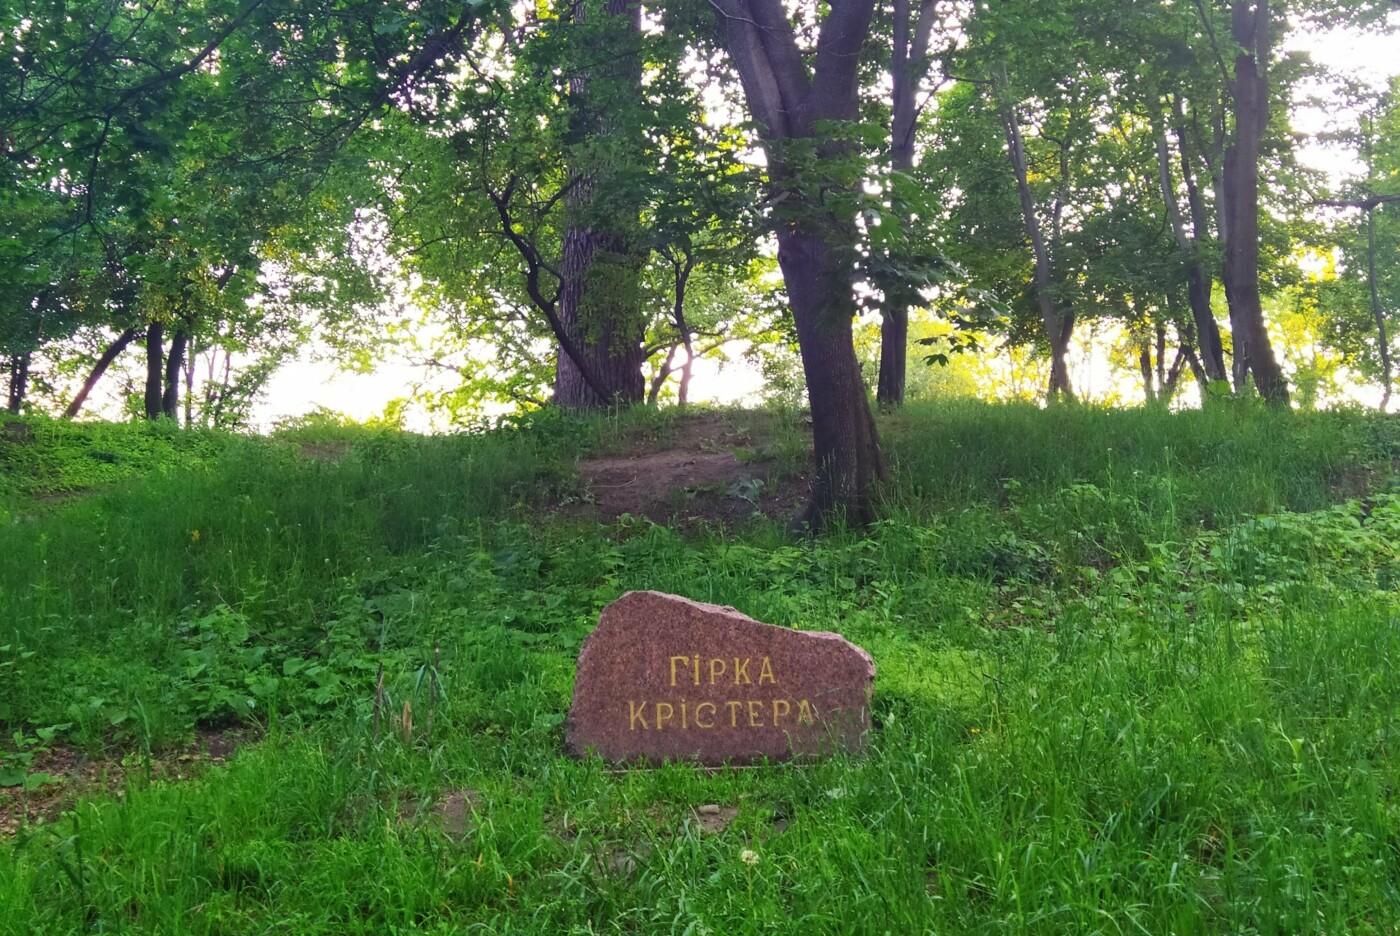 Горка Кристера в Киеве: как появился парк, где он находится и чем интересен, - ФОТО, Фото: Ann M